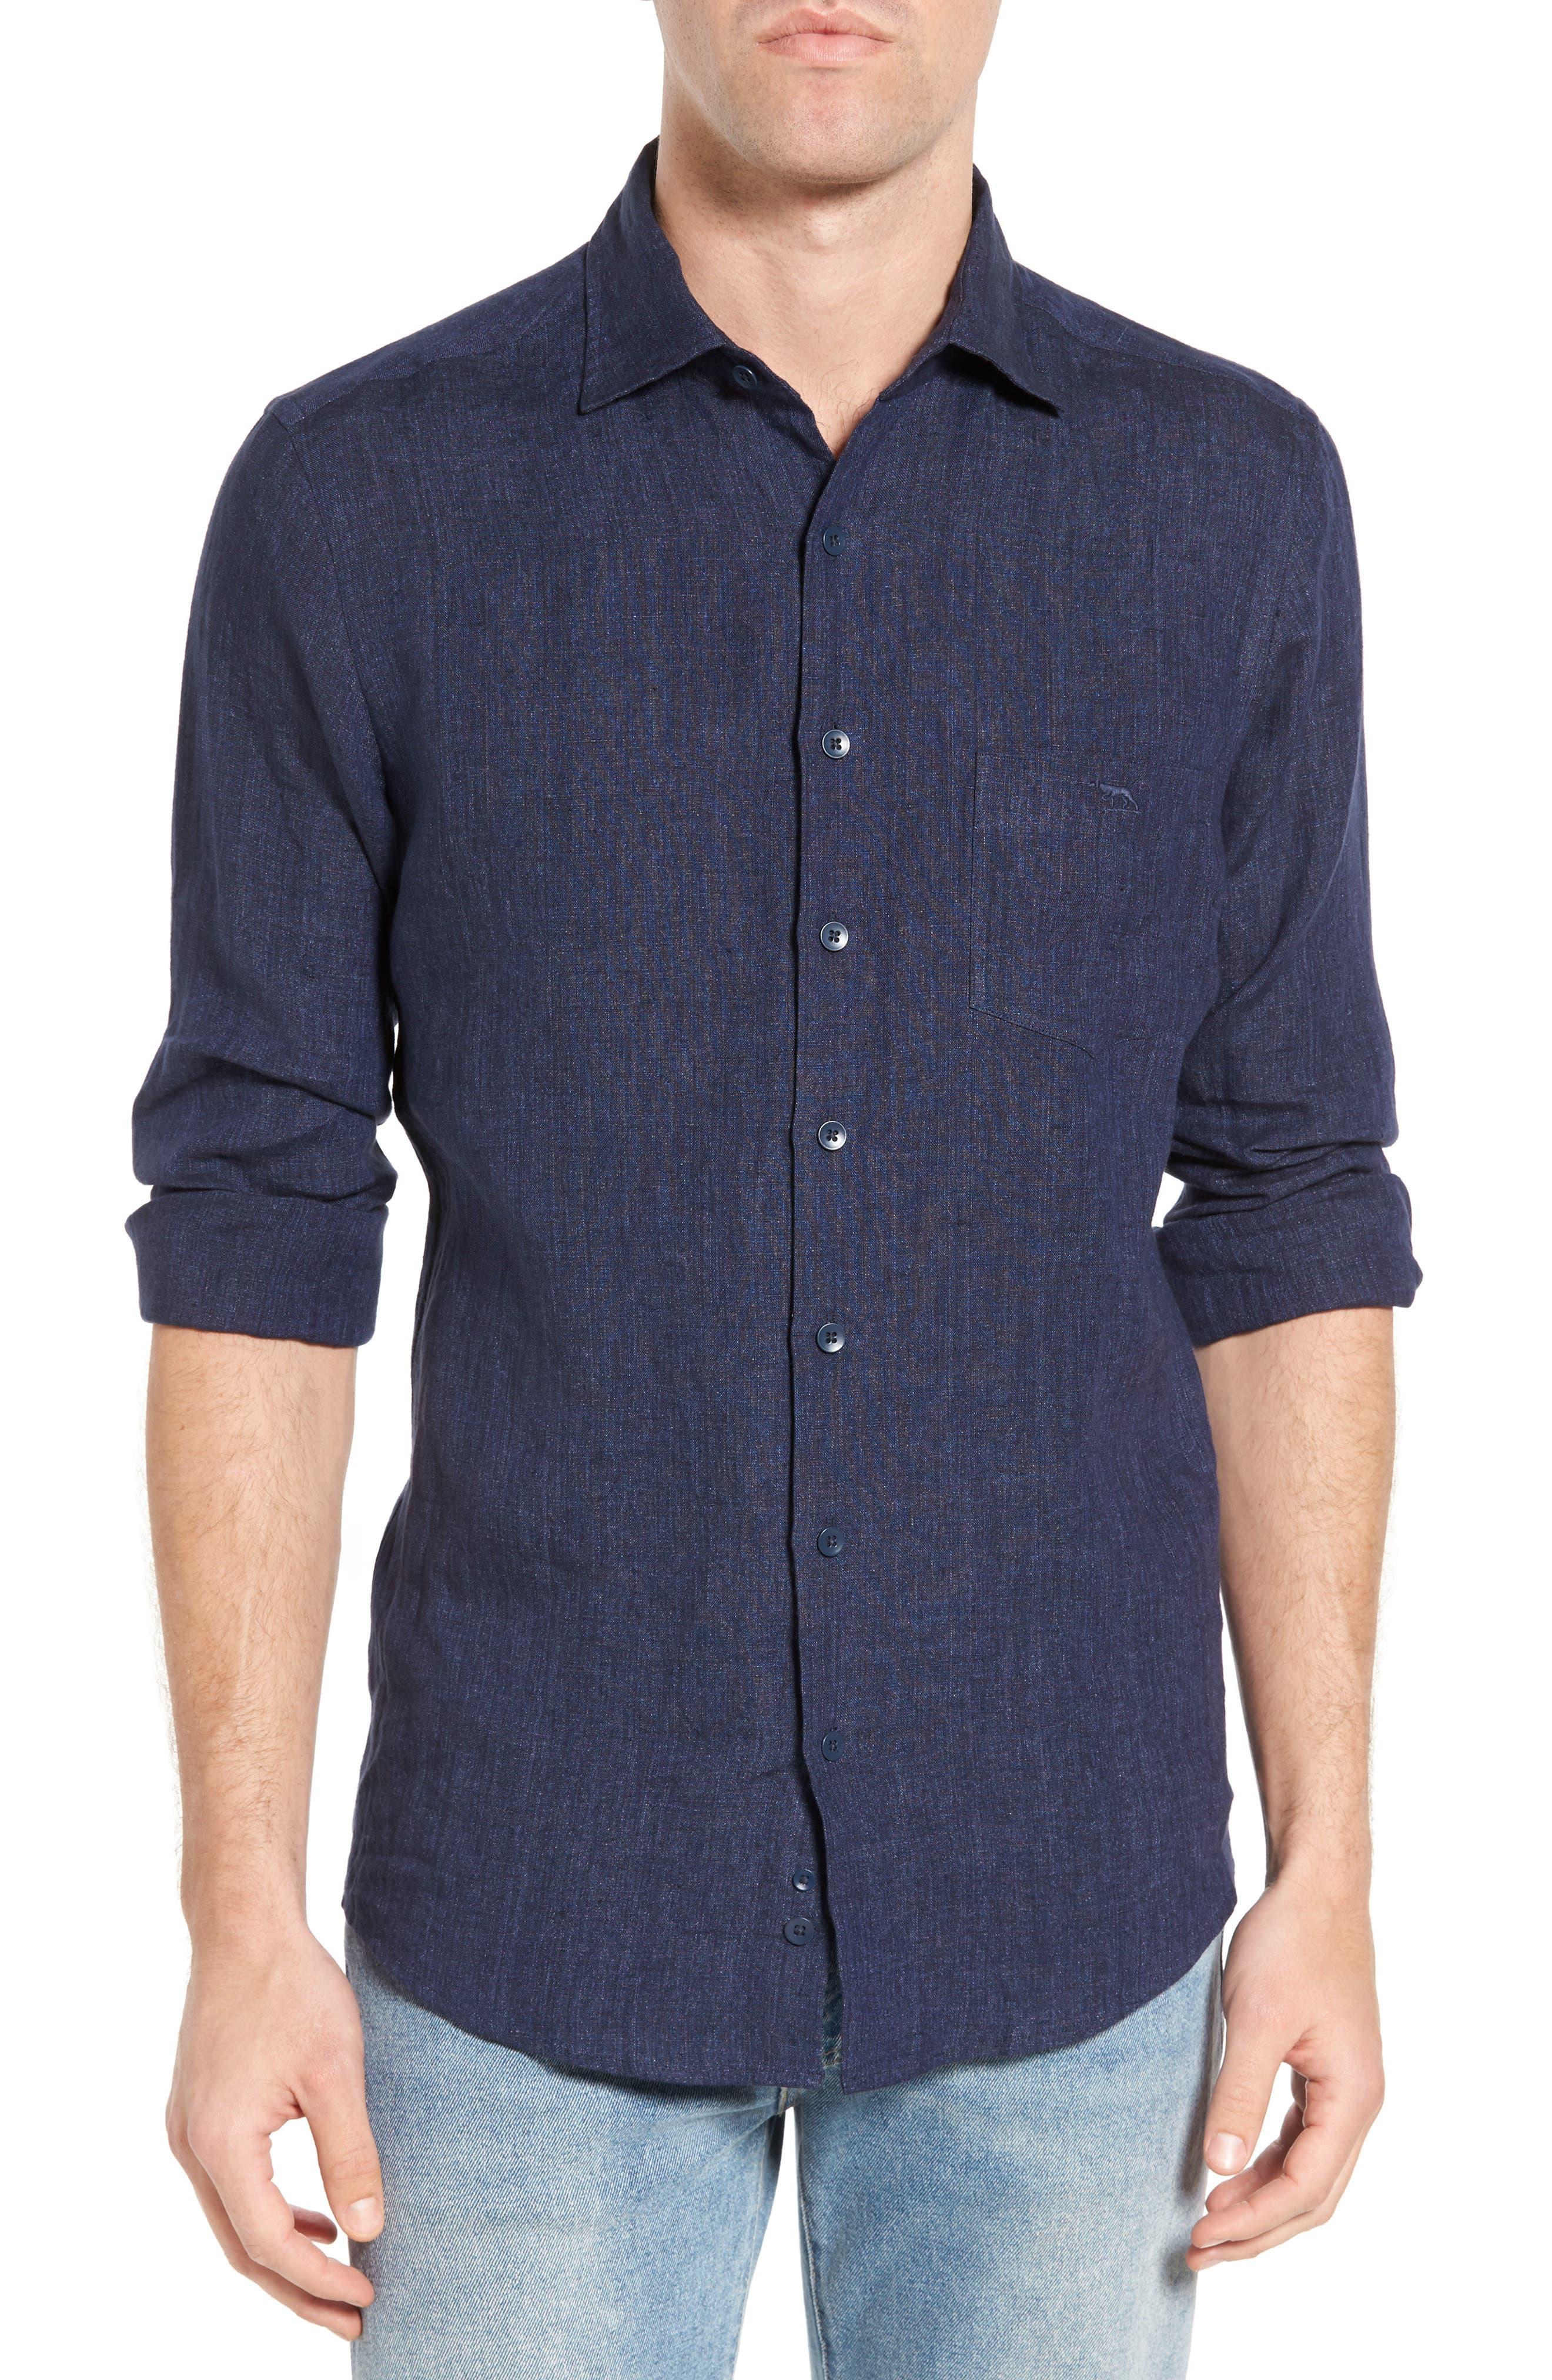 Main Image - Rodd & Gunn Mount Bruce Sports Fit Linen Sport Shirt